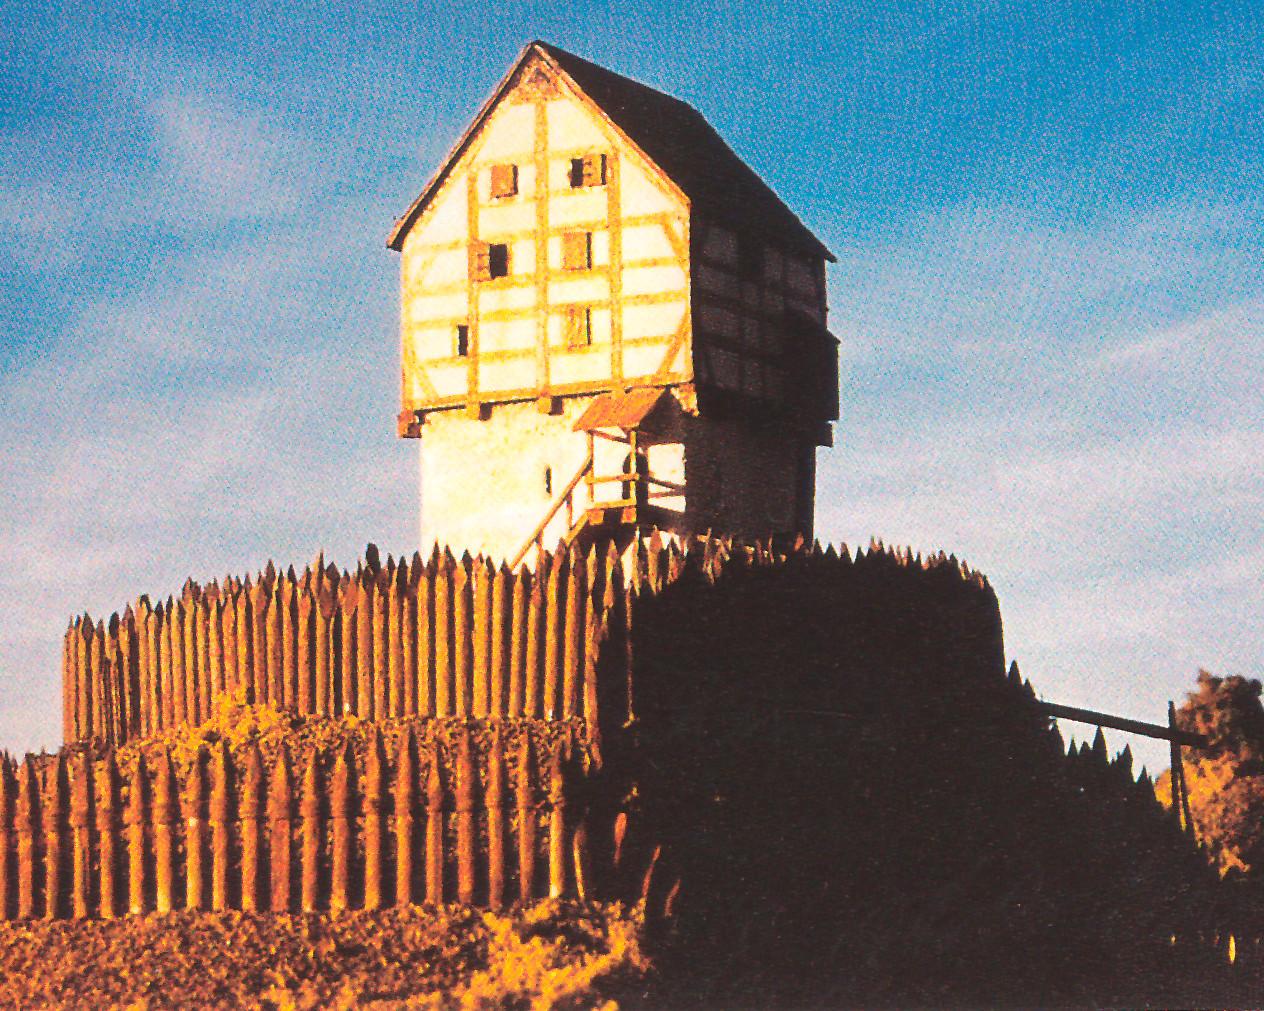 Modell einer so genannten Turmhügelburg mit Wohnturm in Stein- und Fachwerkkonstruktion